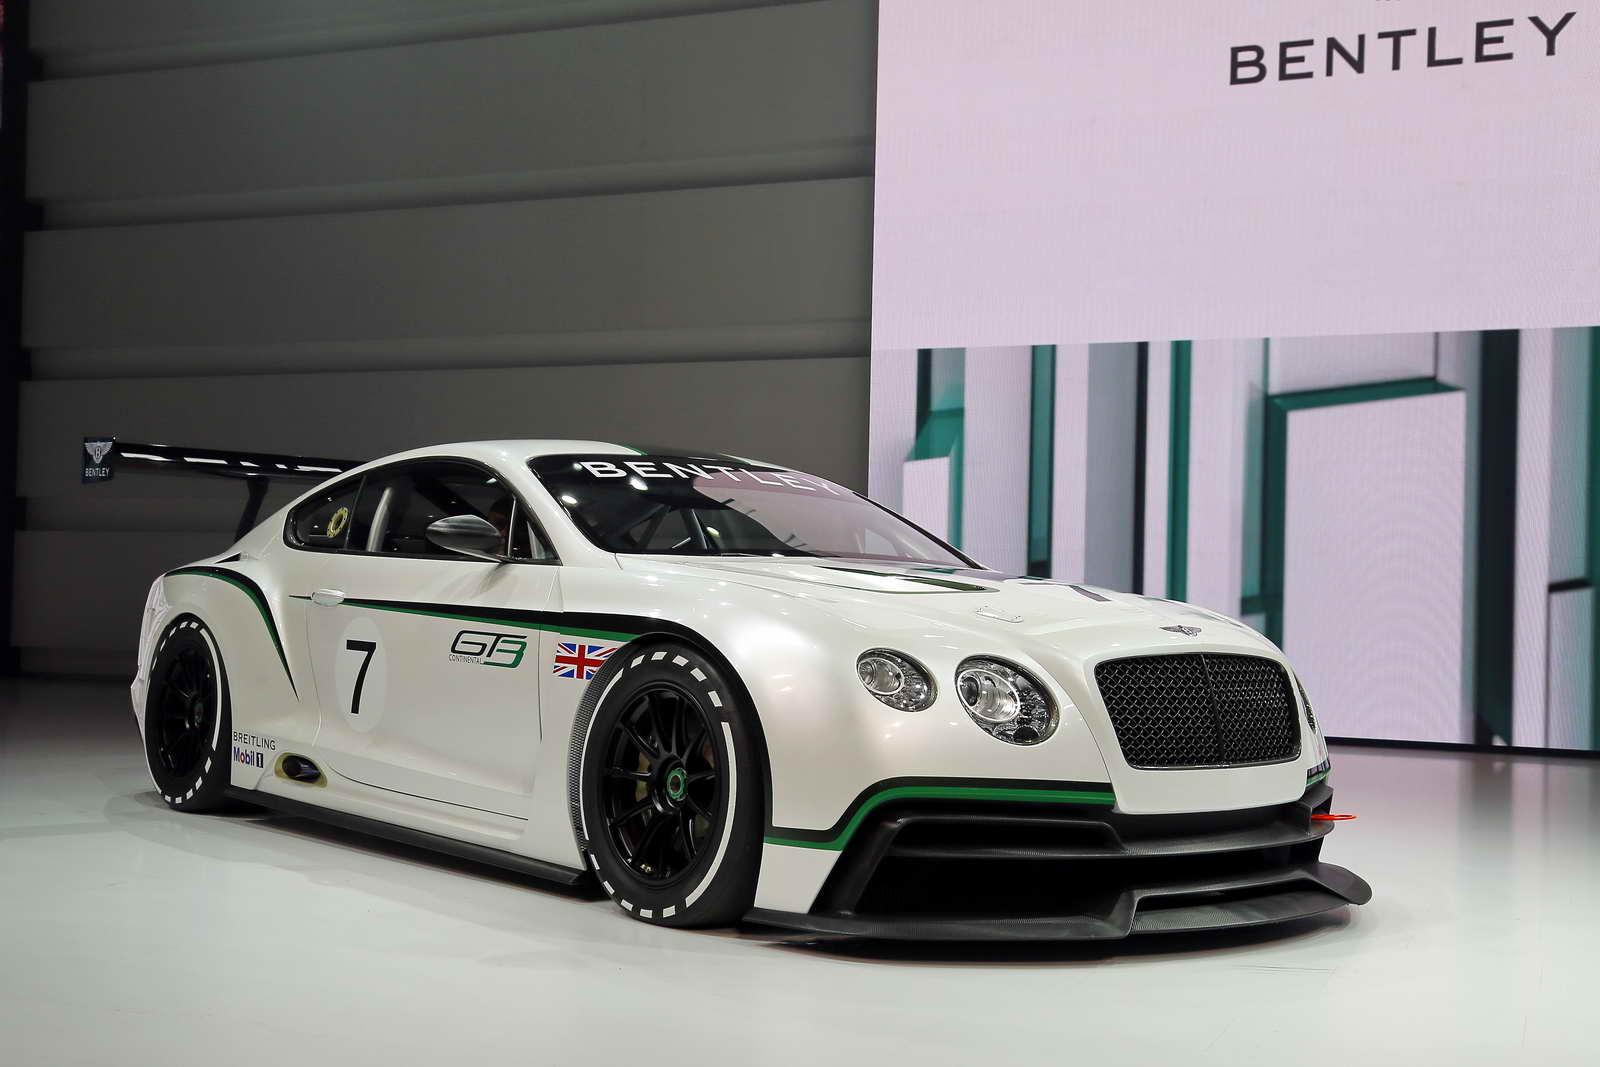 Bentley Regresa A La Competici 243 N Con El Continental Gt3